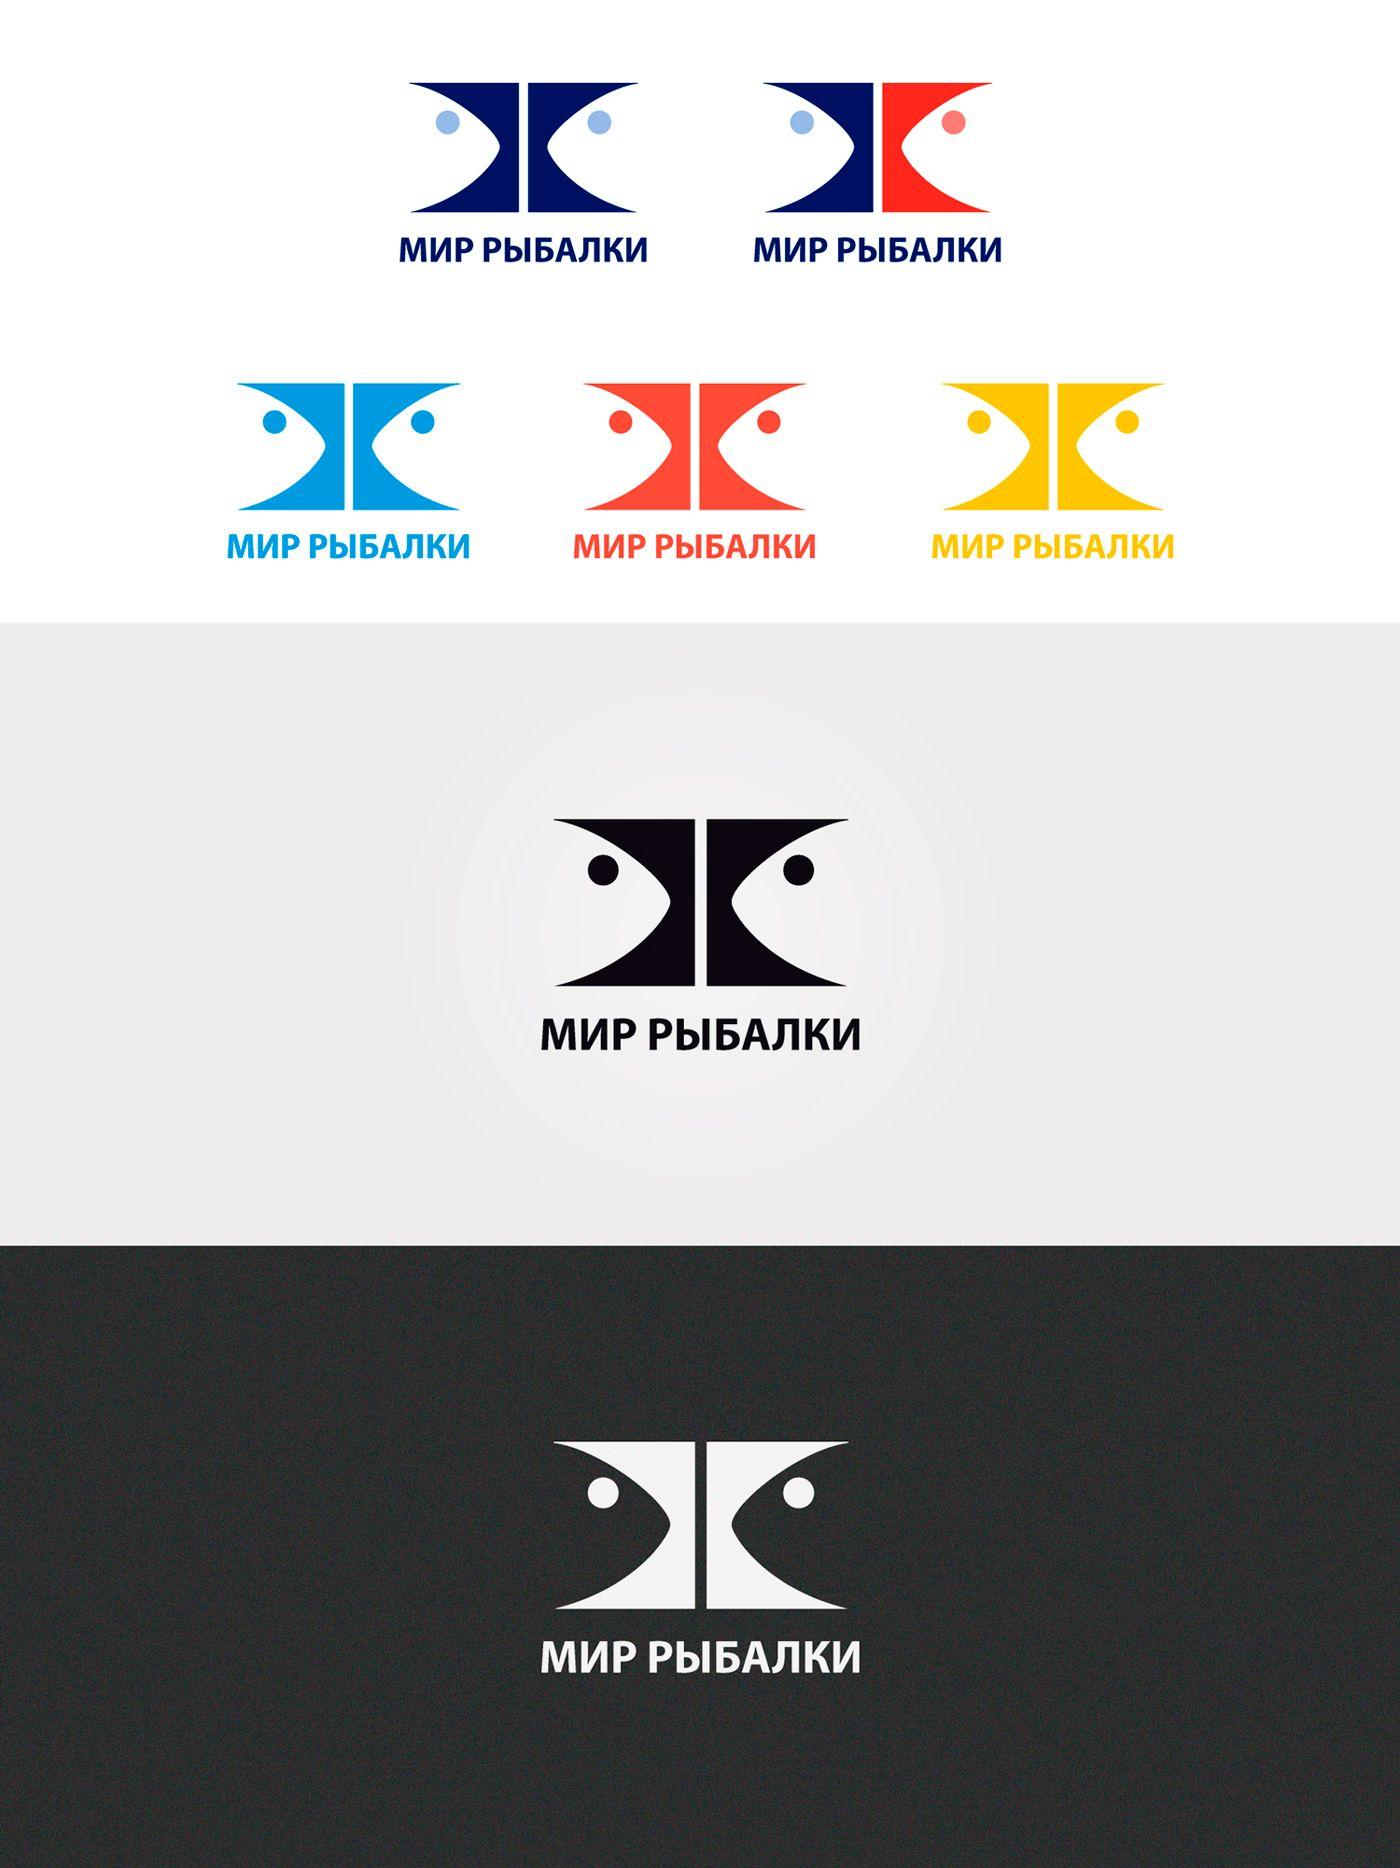 Логотип рыболовного магазина - дизайнер task-pro